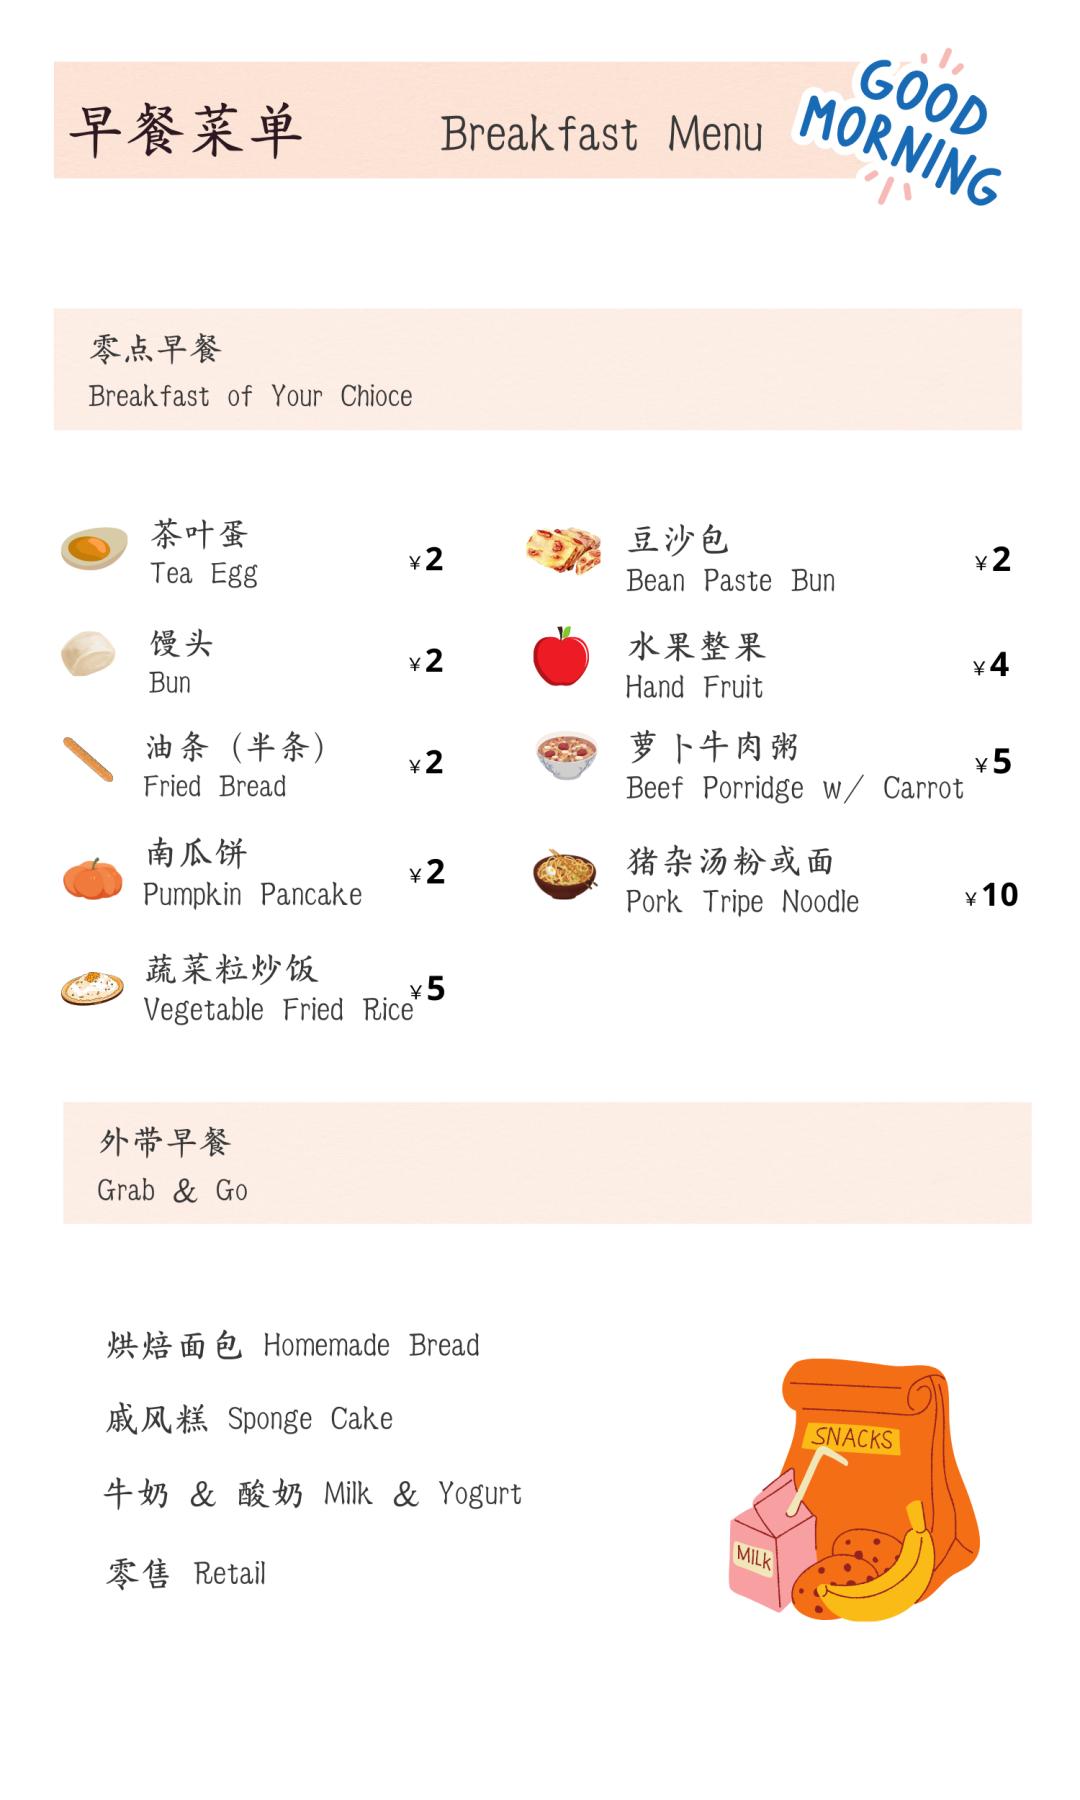 深国交的师生在冬天不出门便可以品尝到经典的节日美食啦  深国交 深圳国际交流学院 学在国交 第16张